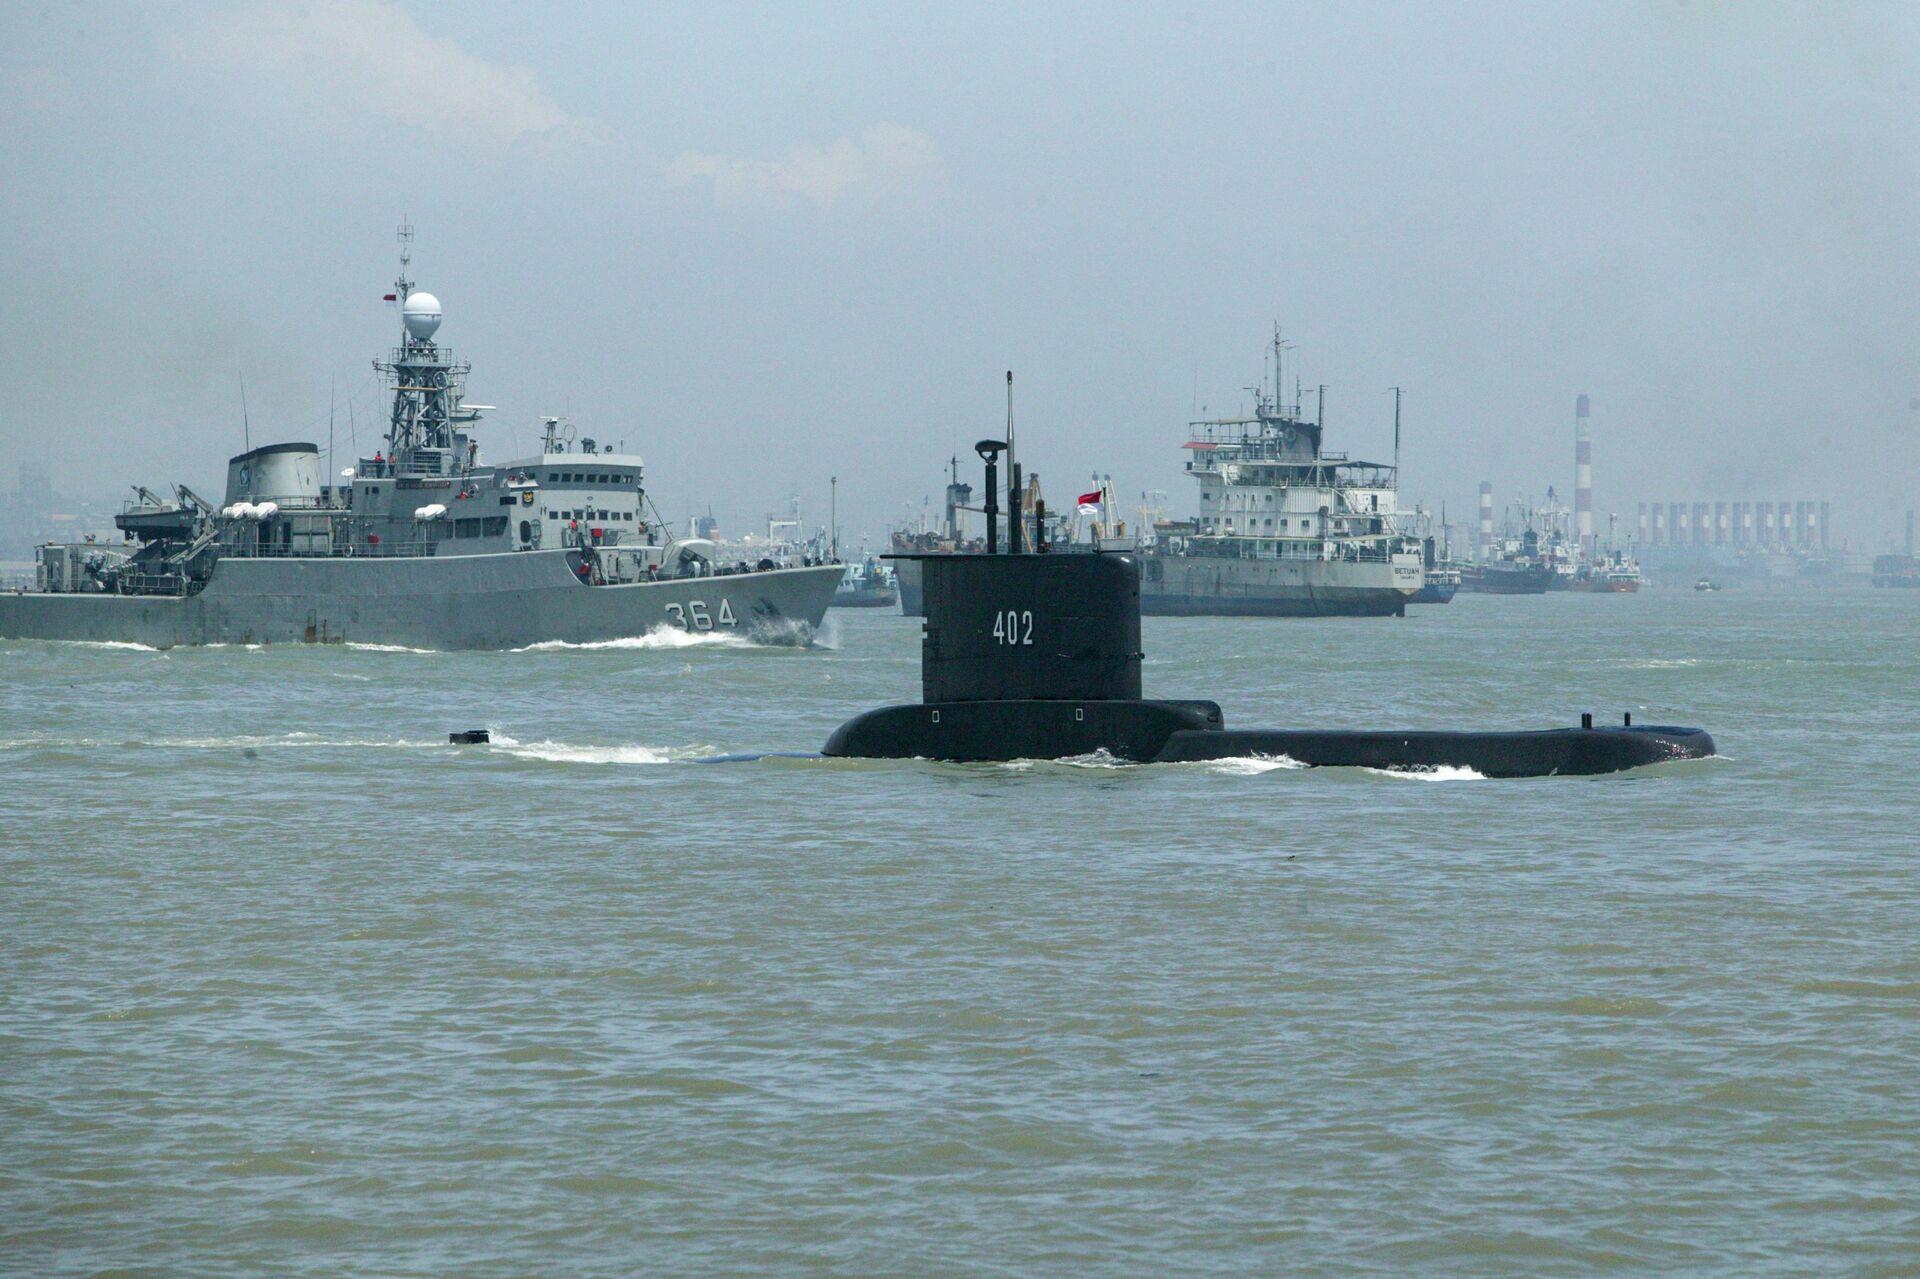 Indonesia sẽ tiến hành kiểm tra tình trạng tất cả các tàu ngầm của hải quân nước này sau vụ chìm tàu Nanggala - Sputnik Việt Nam, 1920, 27.04.2021